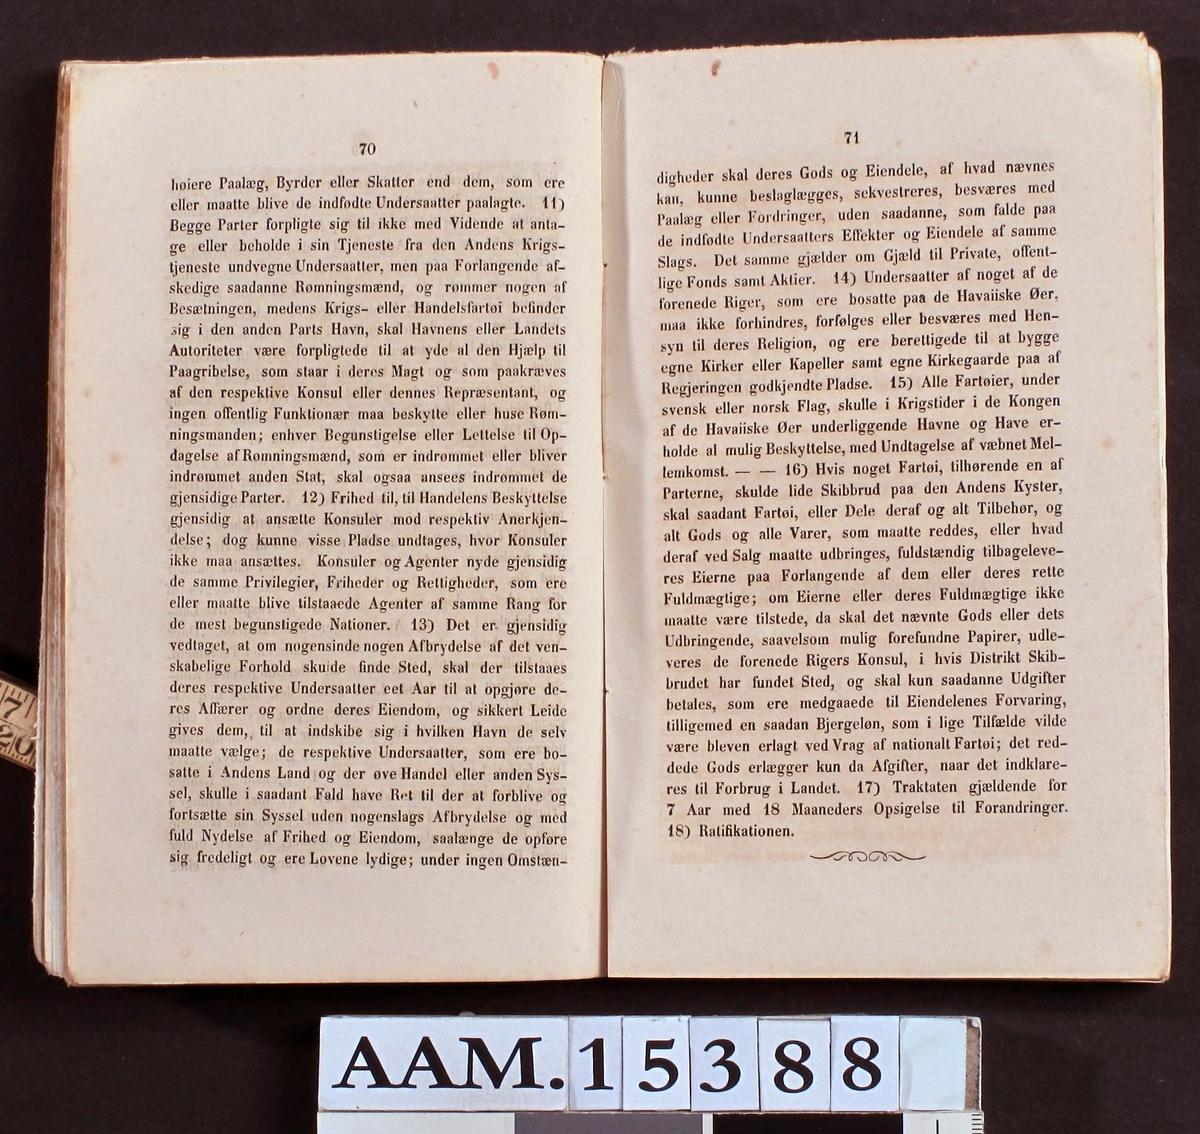 Sømands Aarbog for 1856 af J. C. Knudsen,   Øvertoldbetjent og Dispacheur.arendal 1857.   I Komission hos Eilert Omholt.   T. D. Hjorthøys Bogtrykkeri.  Gult (skittent) papiromslag, 116s.